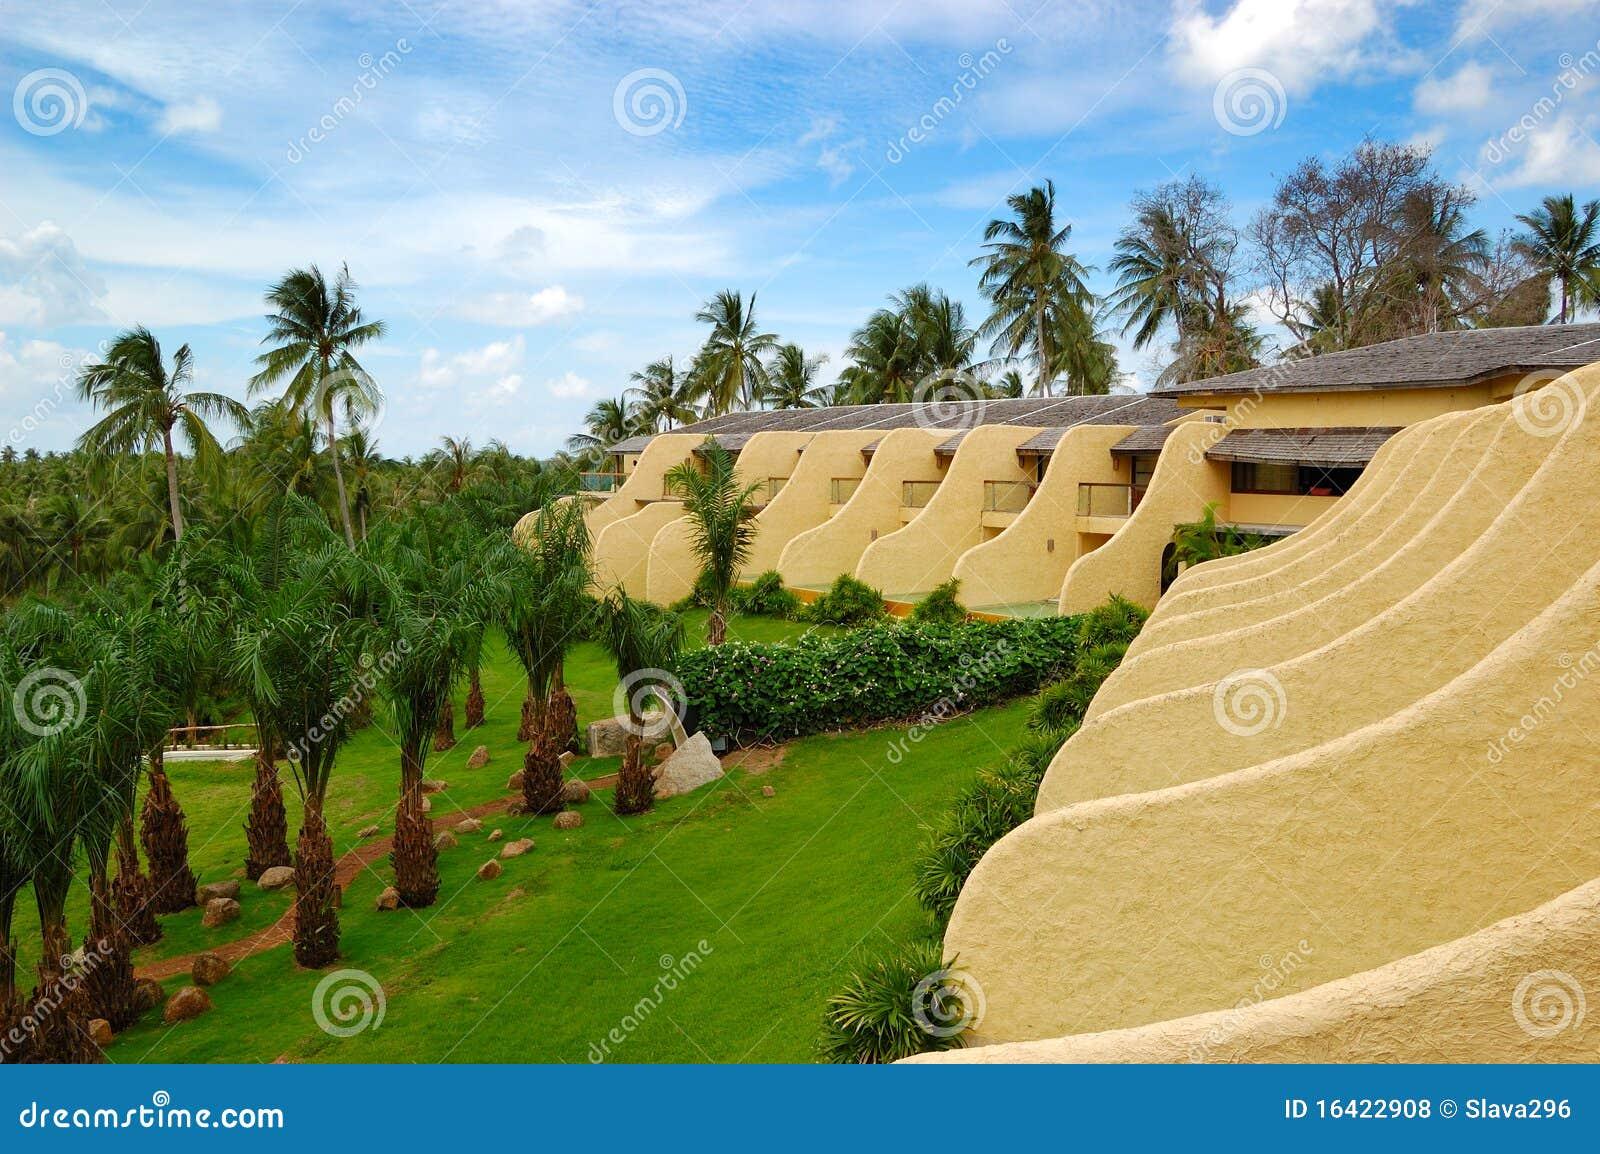 Casas de campo modernas com piscinas no hotel de luxo for Piscinas modernas